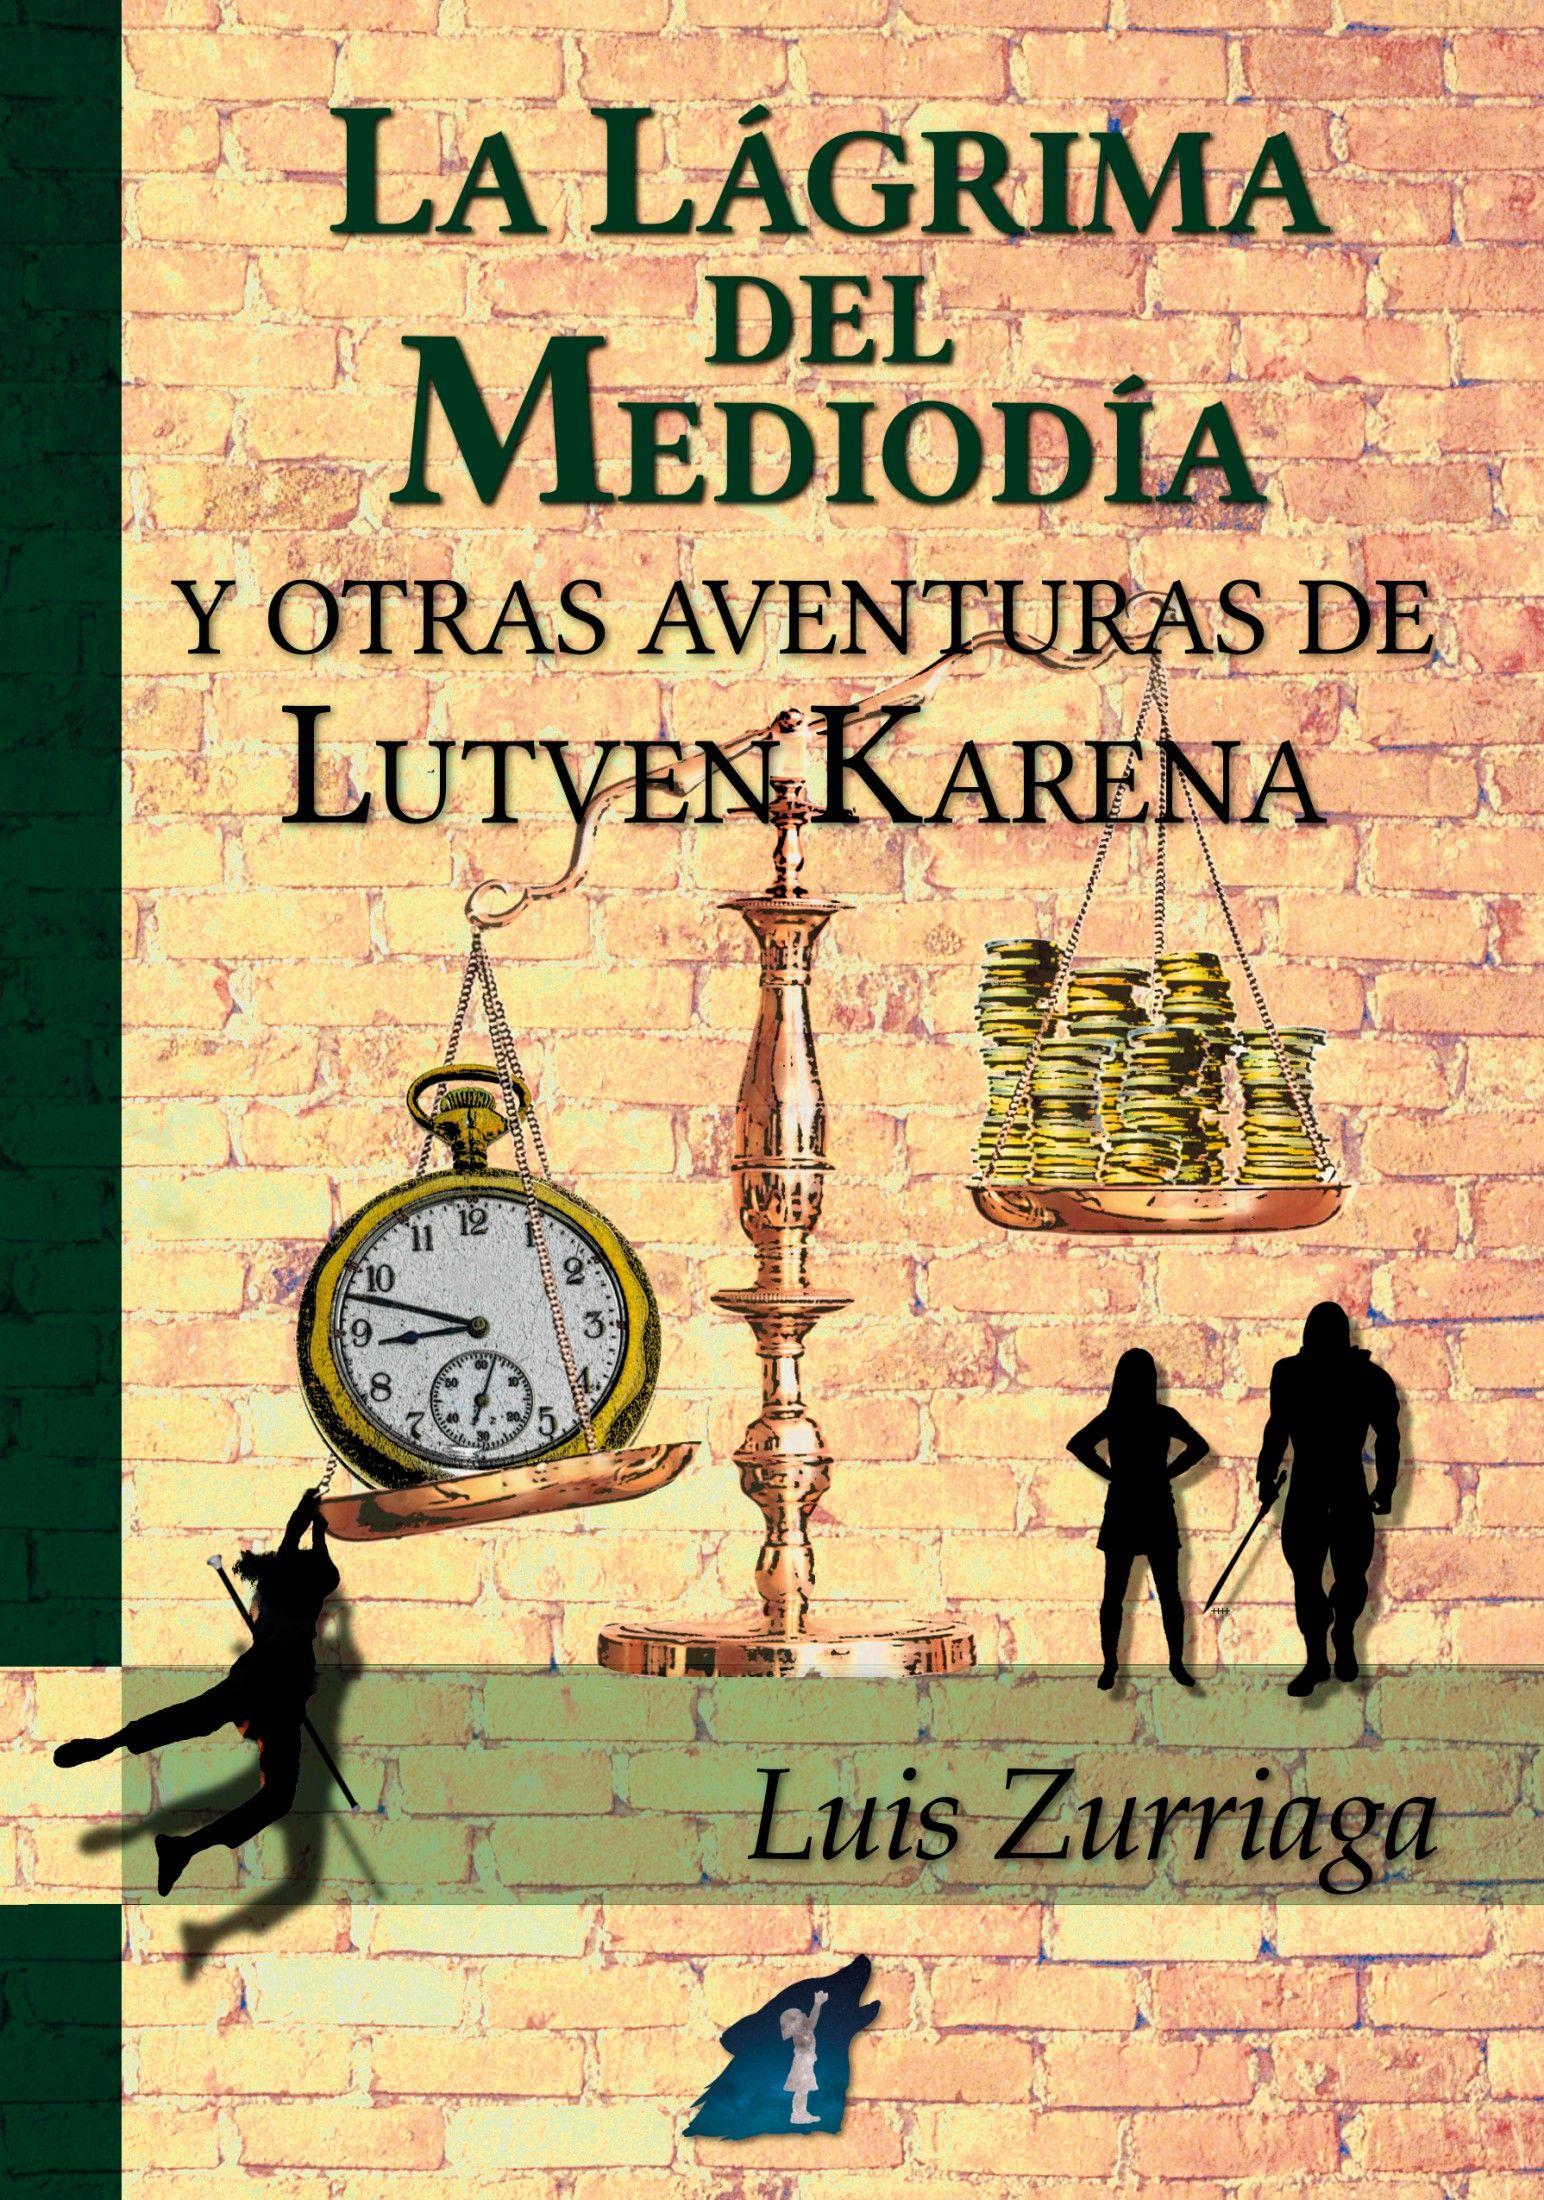 Reseña La Lágrima del Mediodía y otras aventuras de Lutven Karena, de Luis Zurriaga - Cine de Escritor